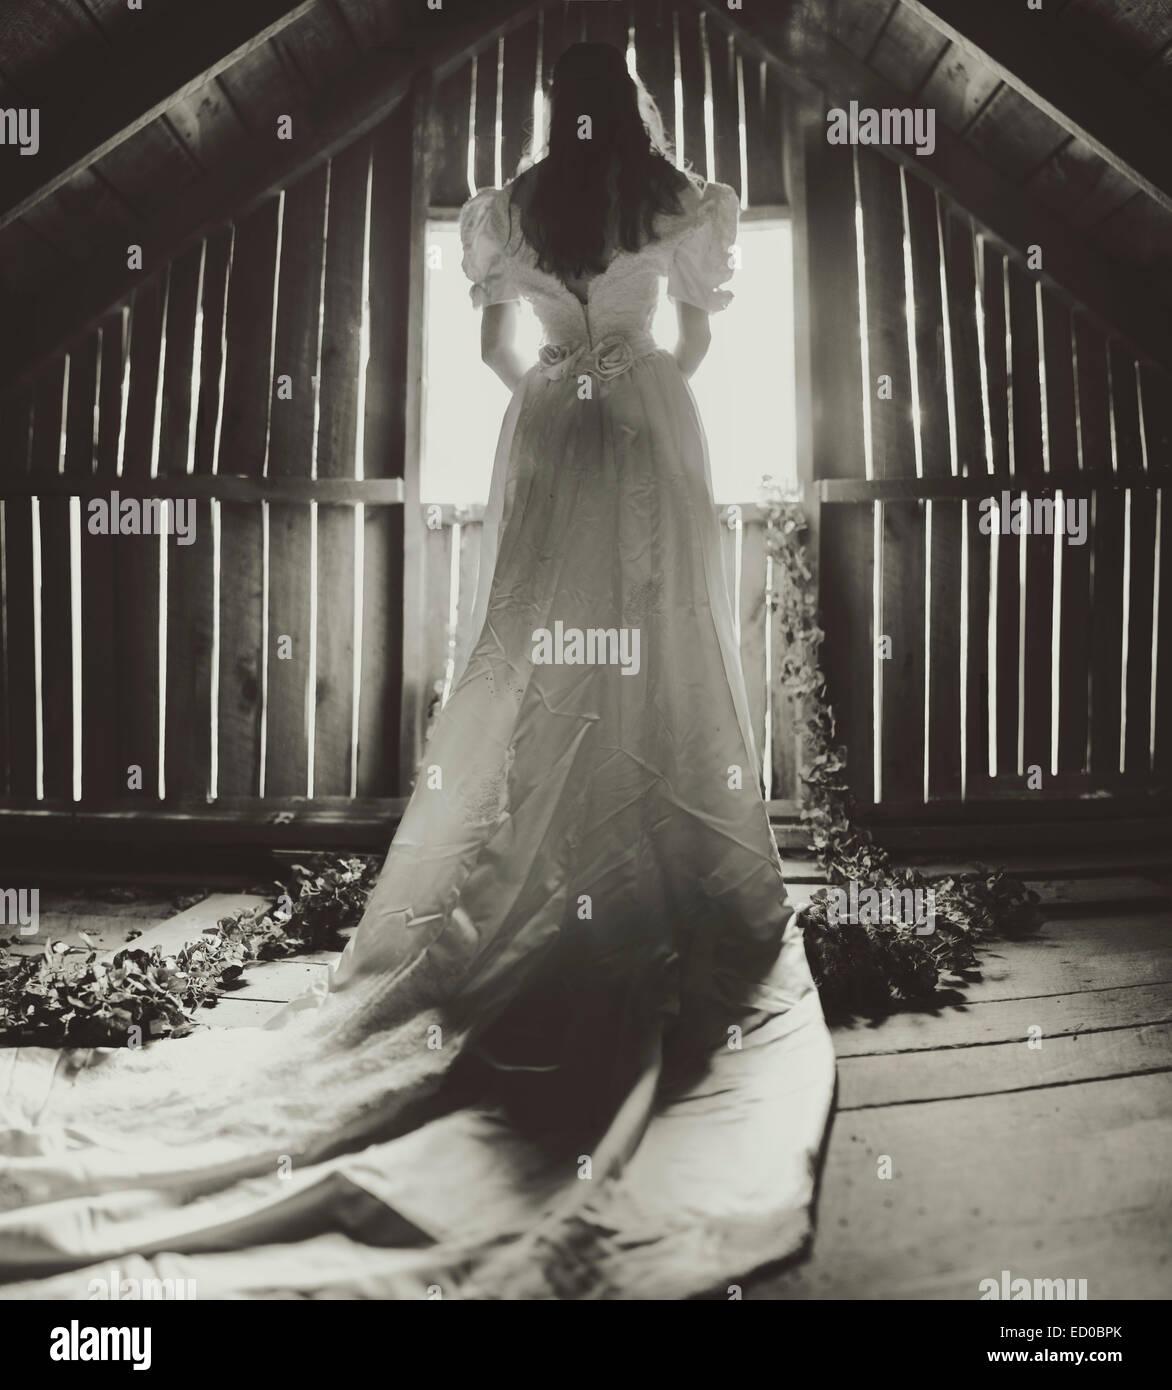 Rückansicht des junge Frau im Hochzeitskleid auf Dachboden Stockbild